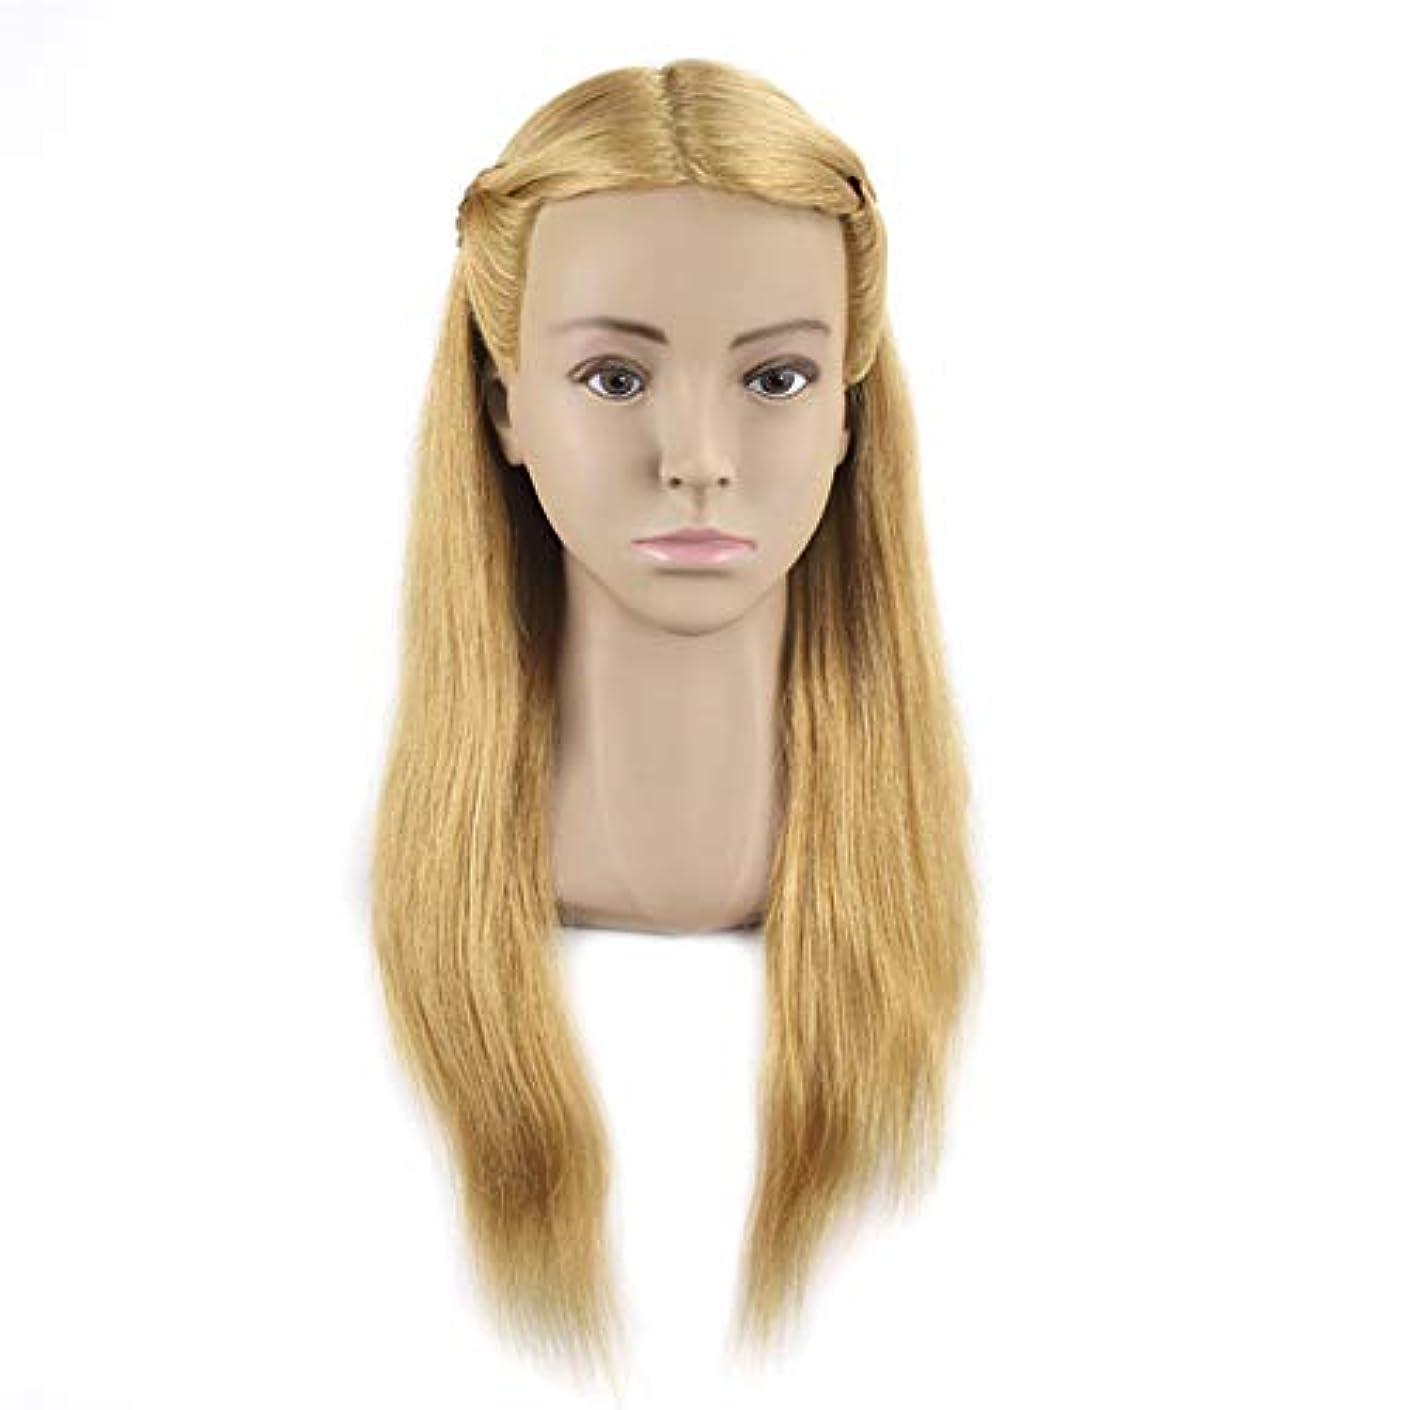 階段成長変換完全な人毛ヘアスタイリングモデルヘッド女性モデルヘッドティーチングヘッド理髪店編組髪染め学習ダミーヘッド